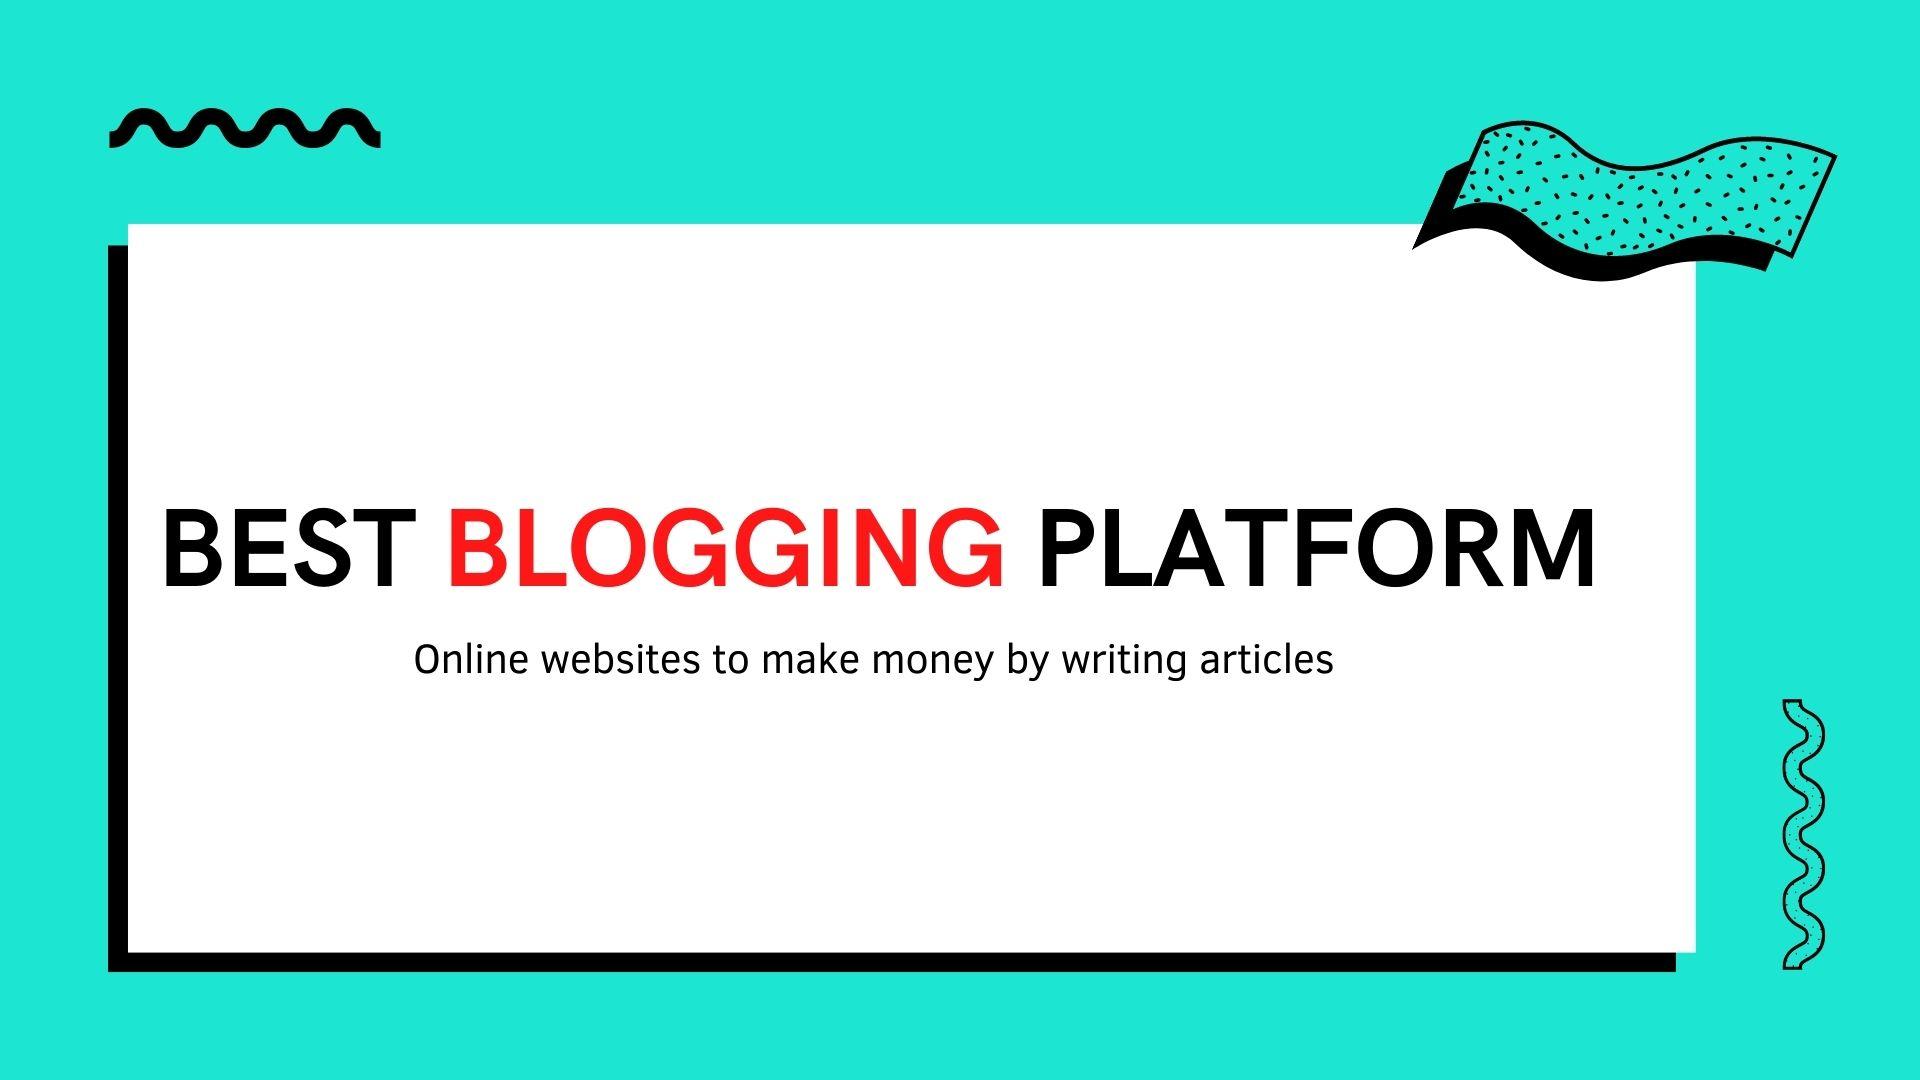 Best Blogging Platforms to make money